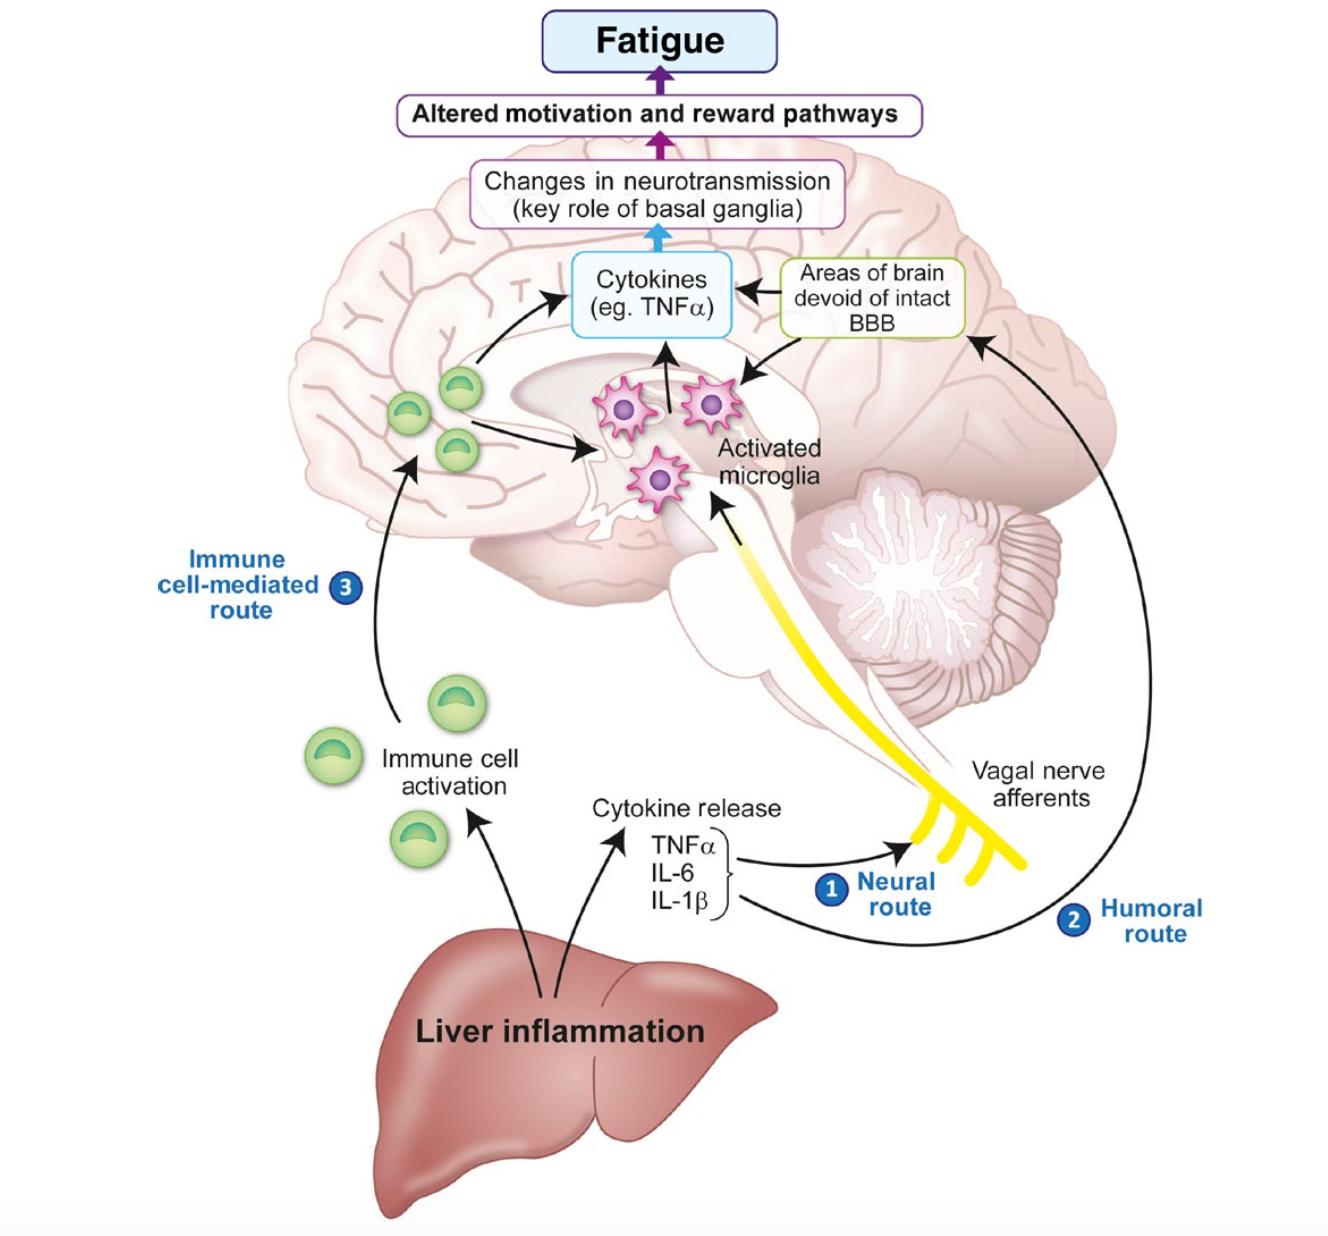 La fatiga com a símptoma de malaltia hepàtica crònica: nous coneixements i enfocaments terapèutics